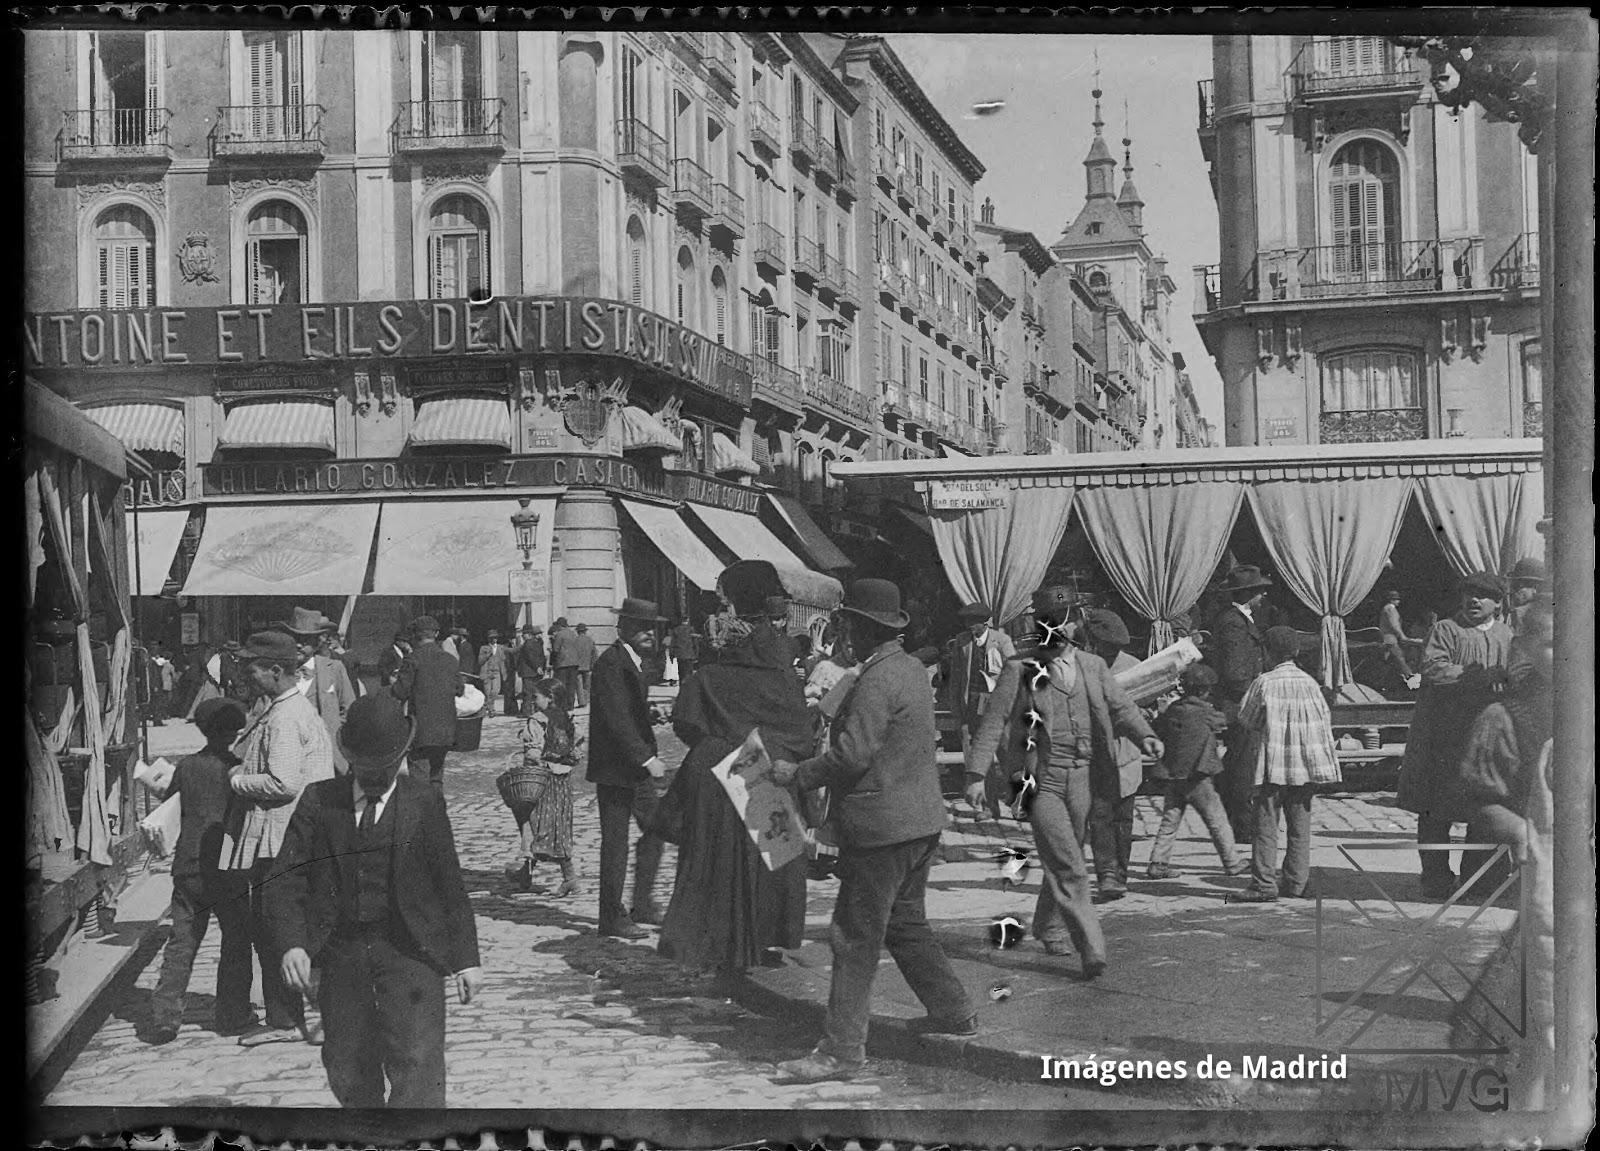 Imagenes antiguas de madrid algunos oficios desaparecidos for Puerta del sol 9 madrid